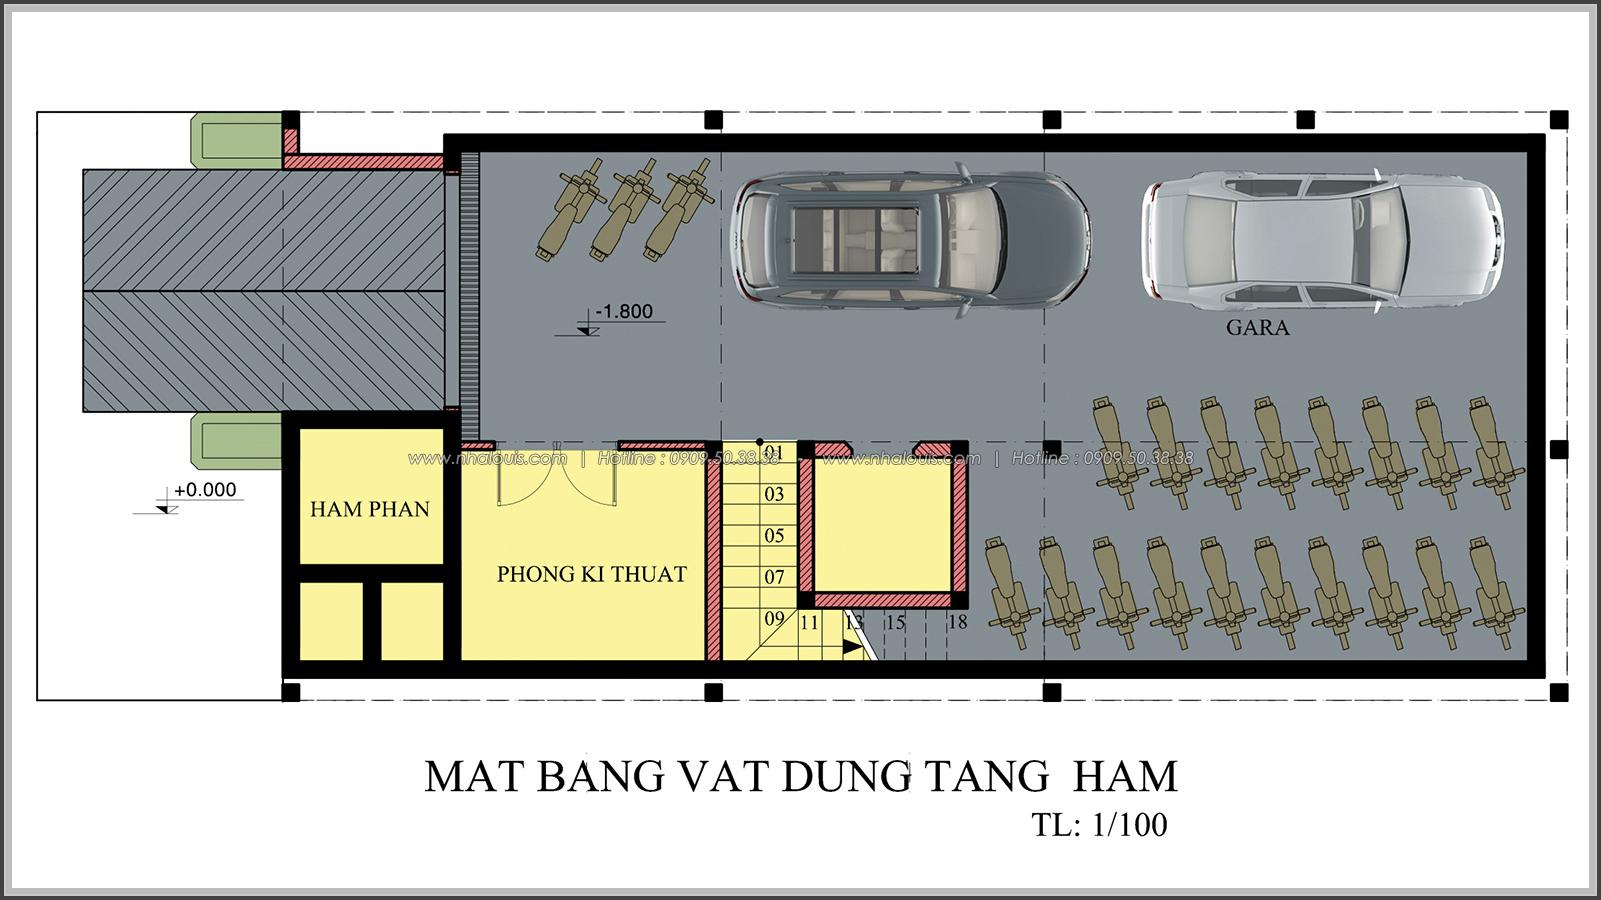 Đẳng cấp thiết kế penthouses với nội thất cực chất anh Kim quận Tân Bình - 3